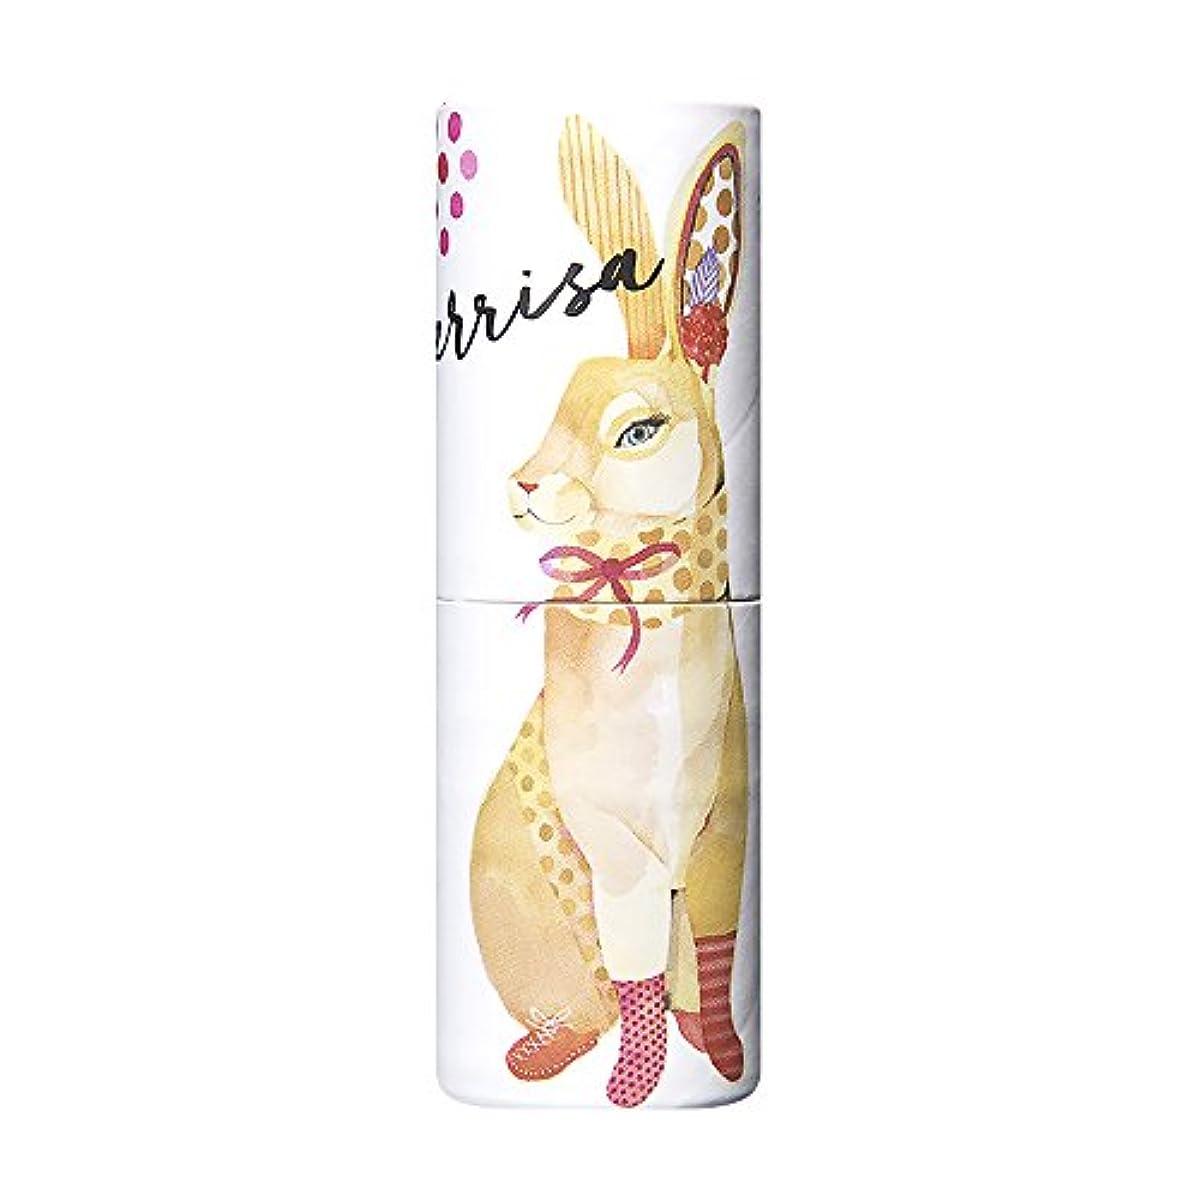 約束するが欲しい強風ヴァシリーサ  パフュームスティック メリッサ ウサギ  練香水 5g